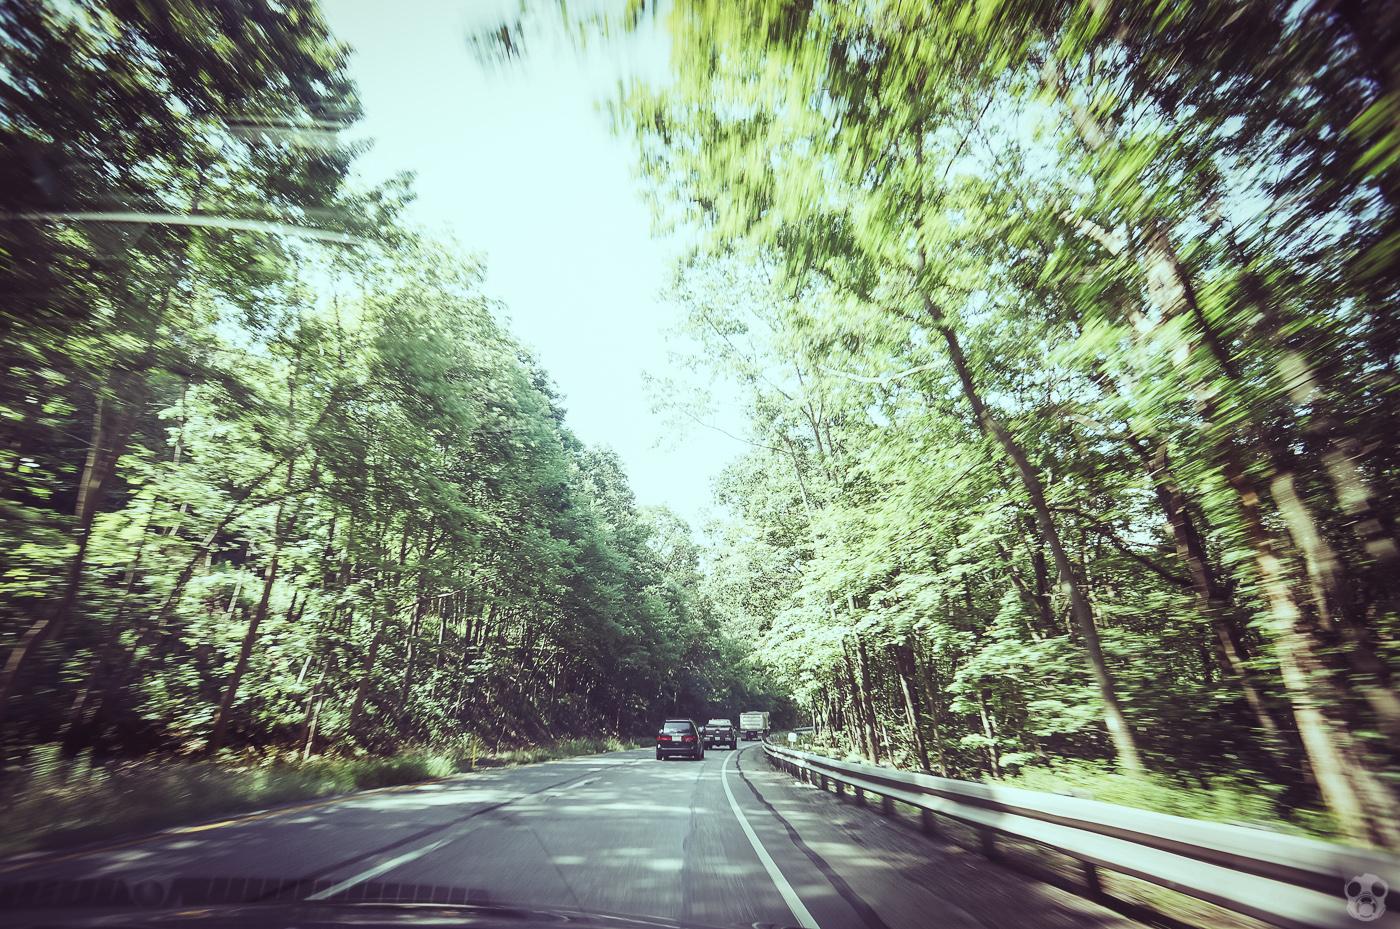 フィラデルフィアから車をかっとばして、サイレントヒルのモデルになった町、セントラリアに行く!